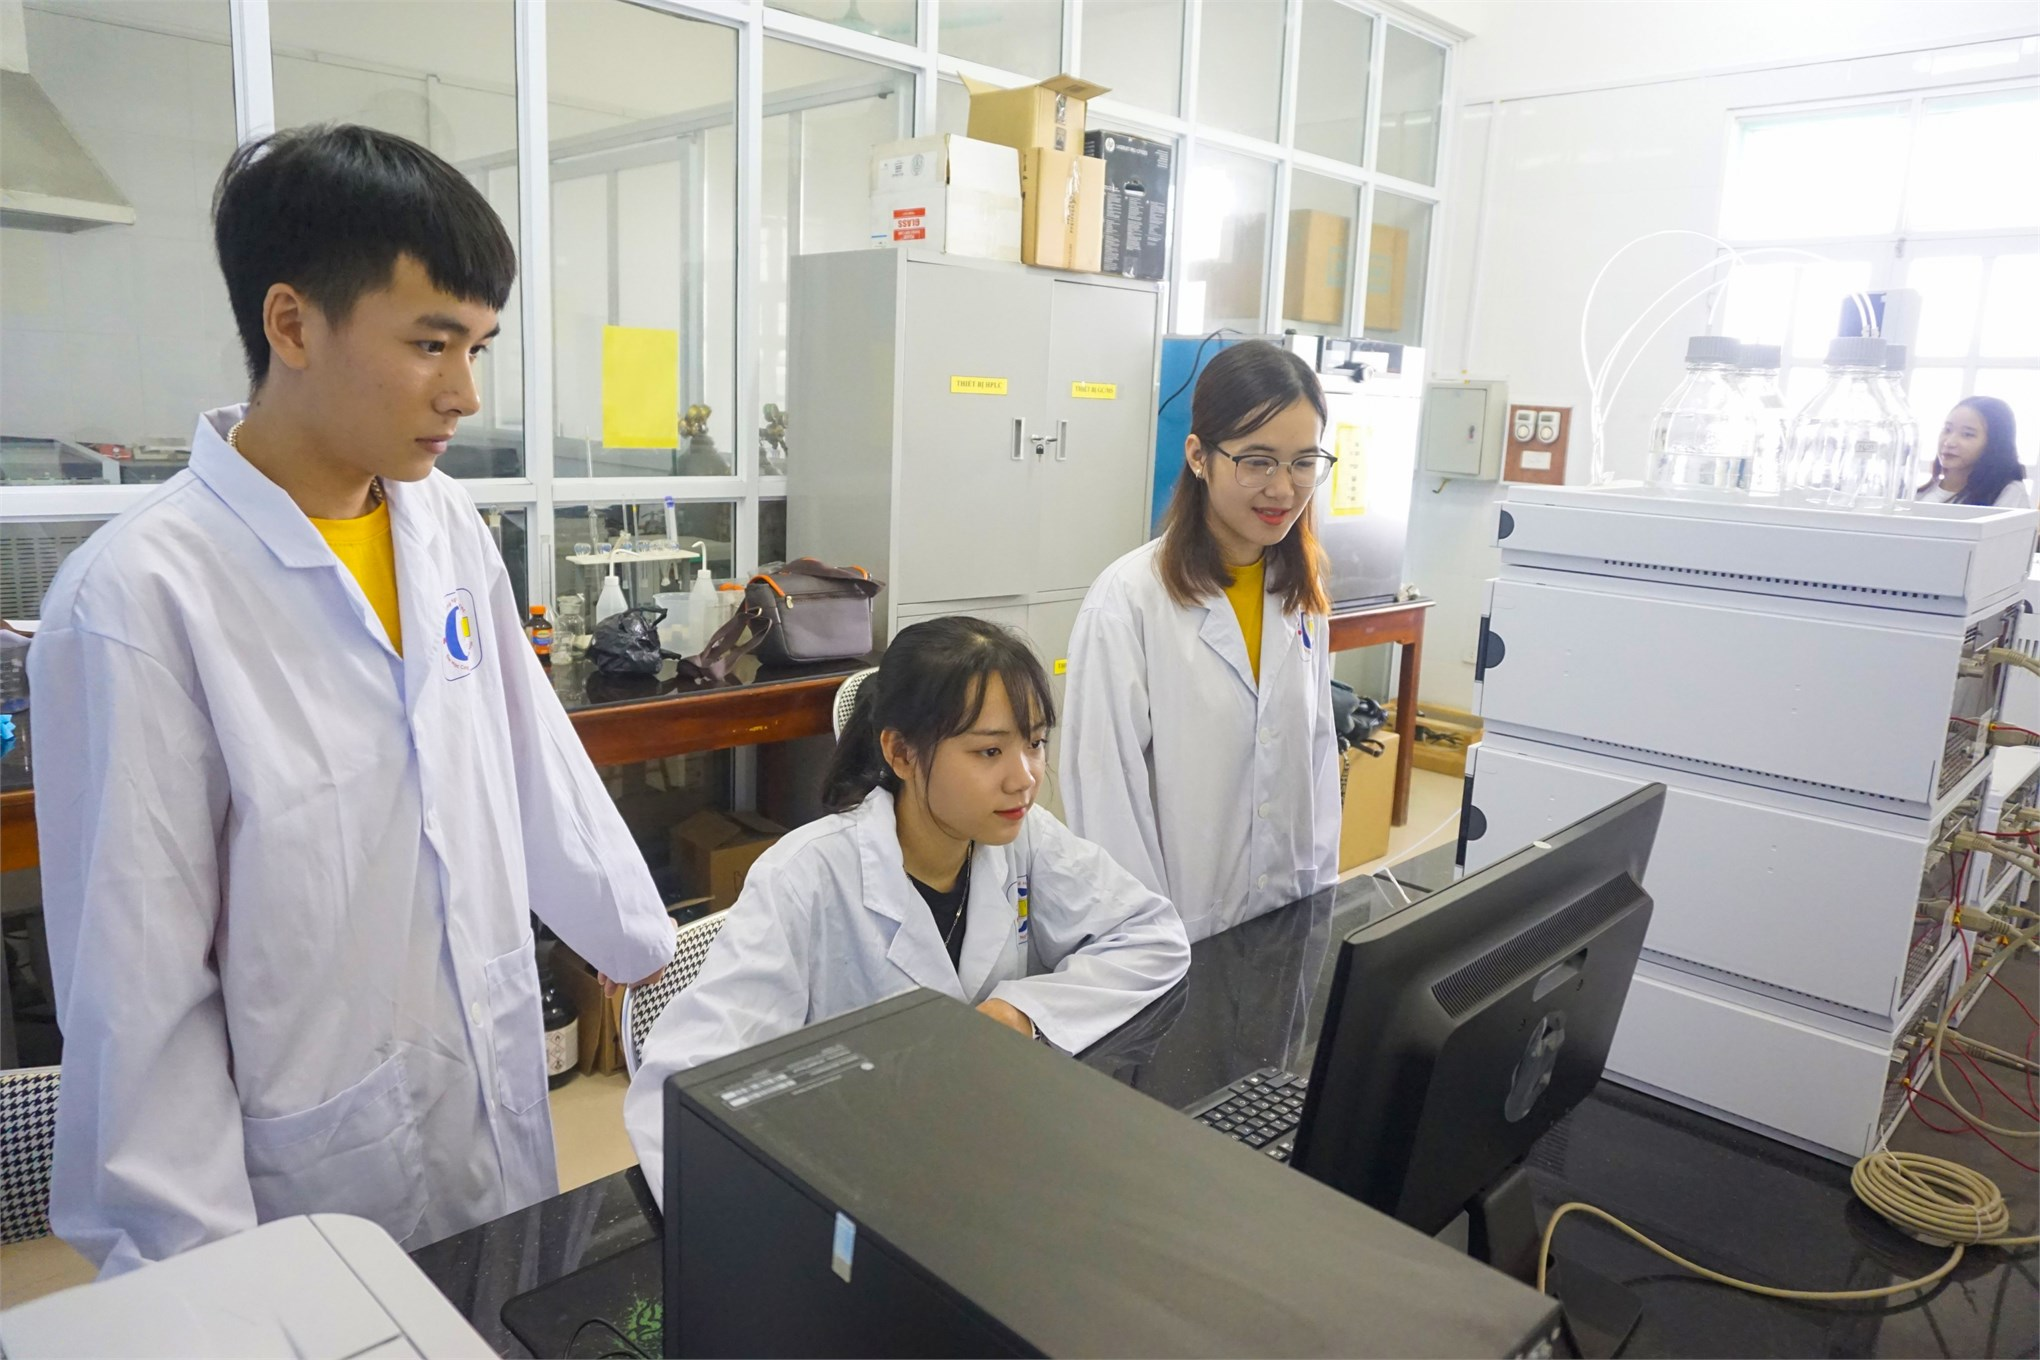 Sinh viên được thực hành trên những thiết bị hiện đại (Nguồn: HaUI)